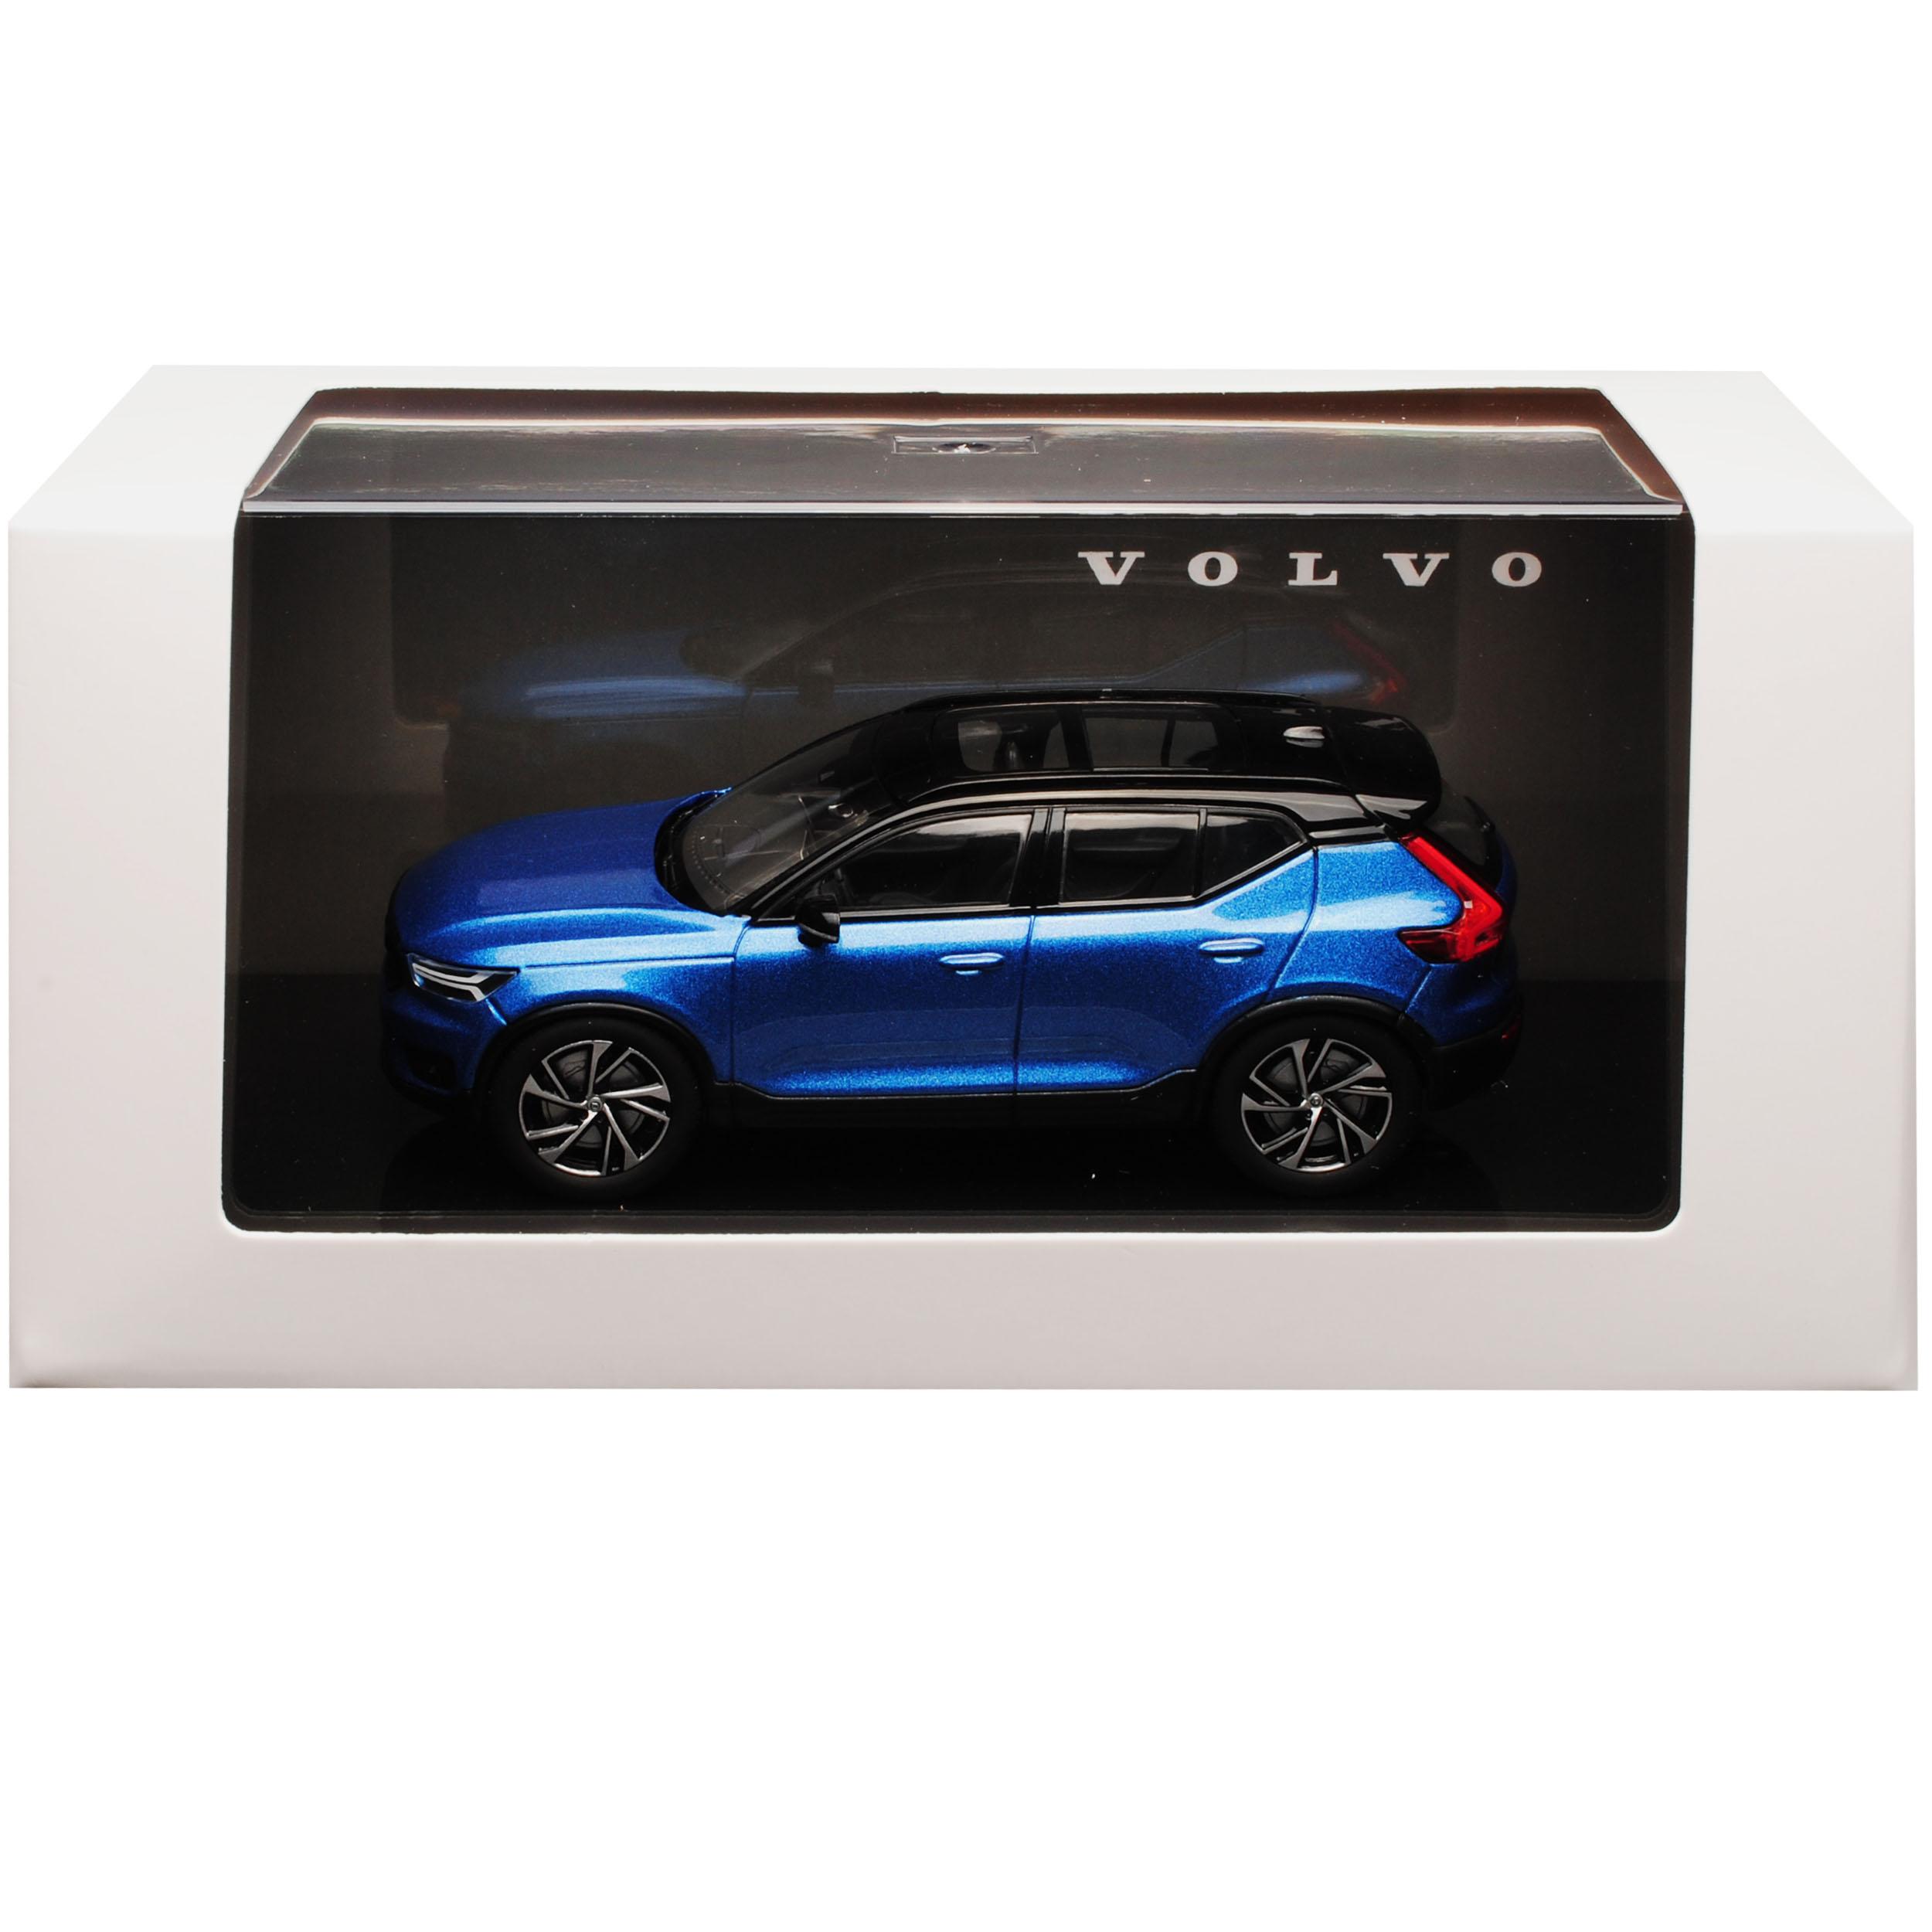 génération à partir de 2017 1//43 KYOSHO modèle voiture avec... Volvo xc40 SUV éclatés Bleu 1